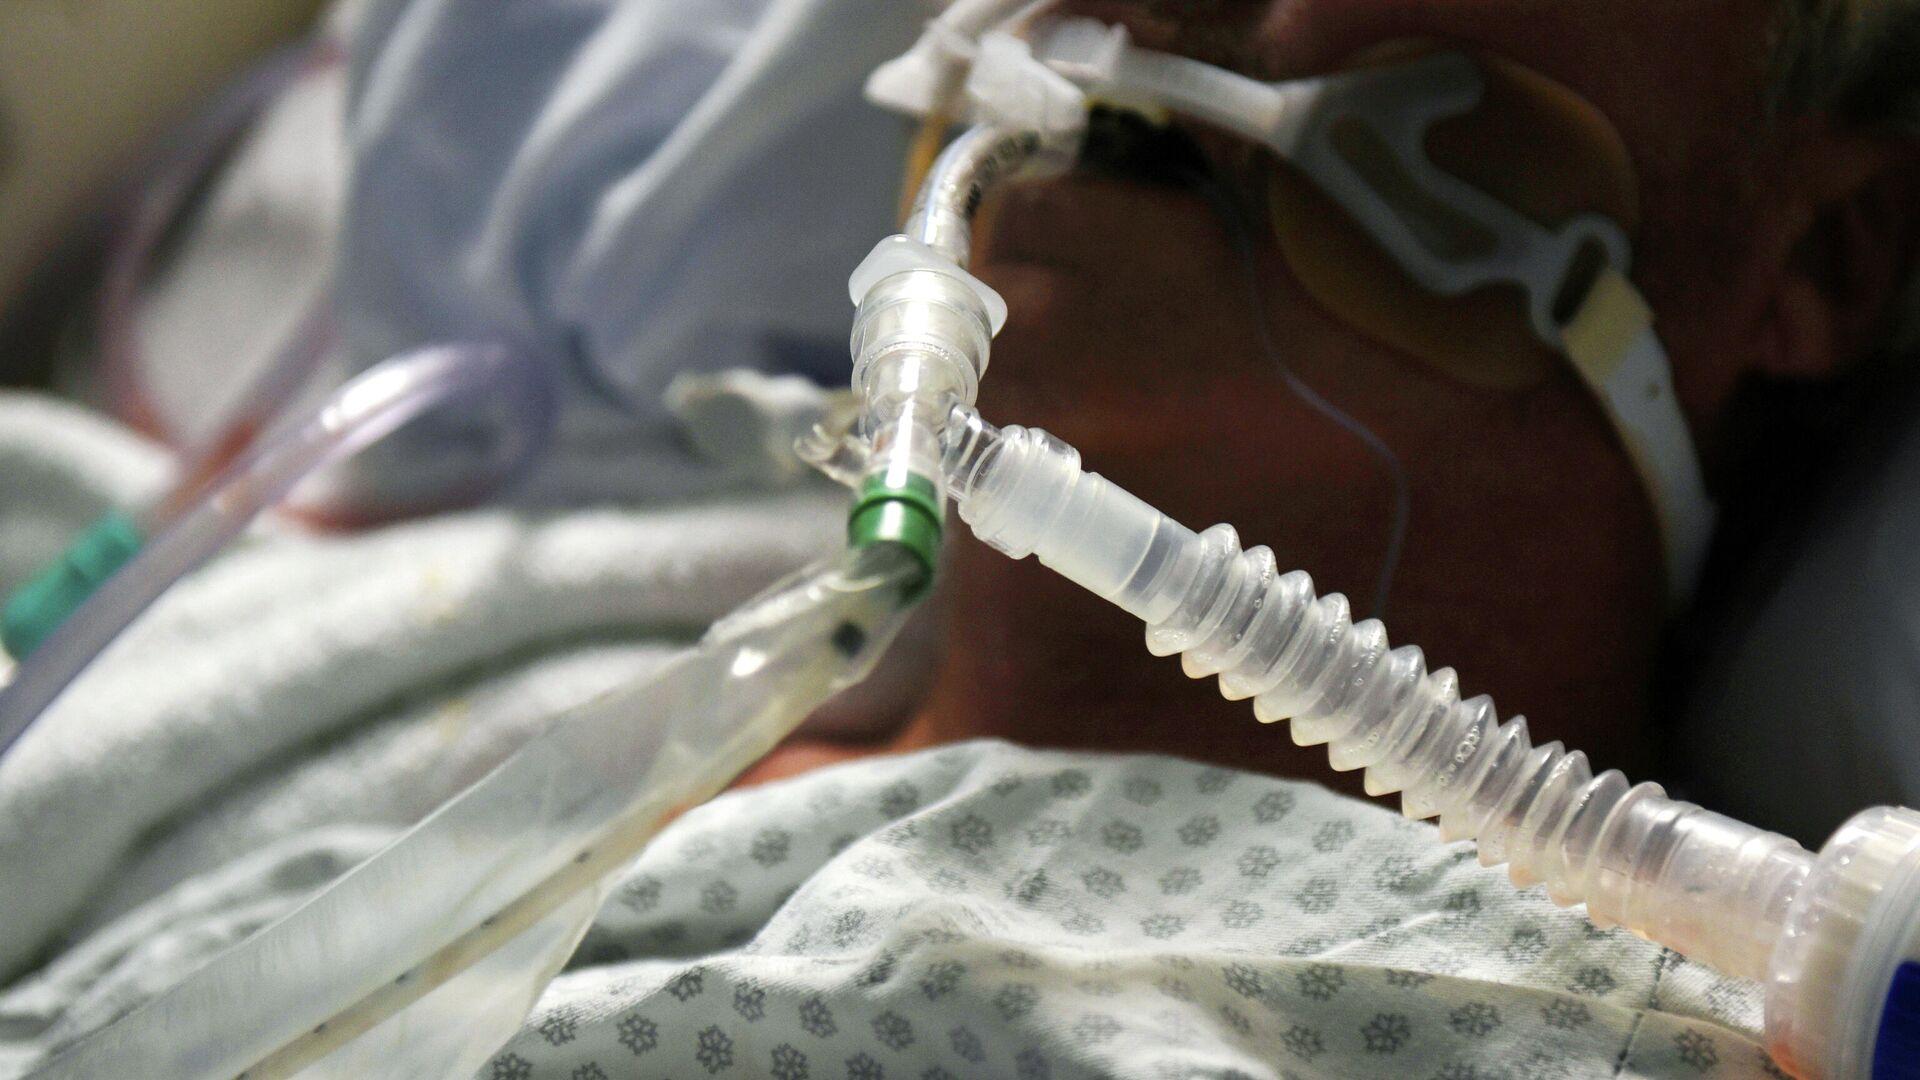 Ein Covid-19-Patient wird mit einem Beatmungsgerät behandelt - SNA, 1920, 19.12.2020